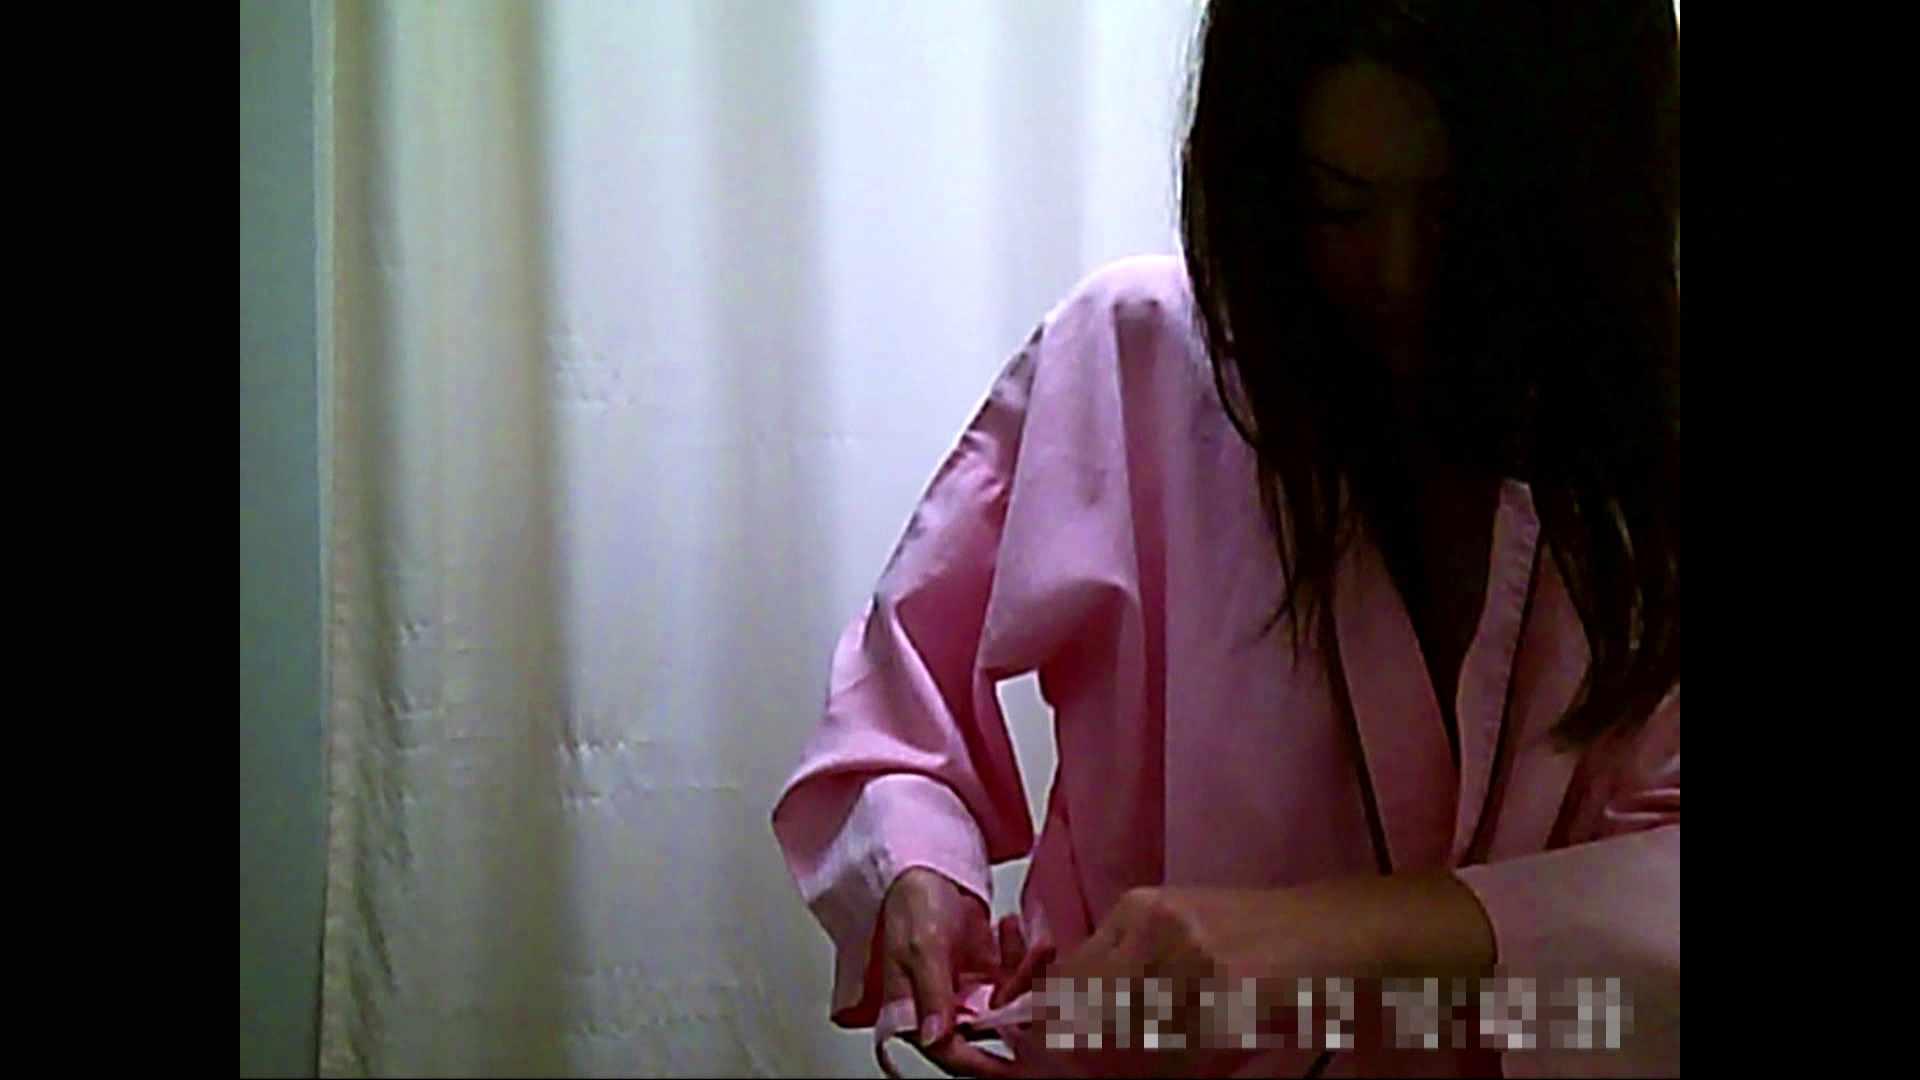 元医者による反抗 更衣室地獄絵巻 vol.060 ギャル  54PIX 20